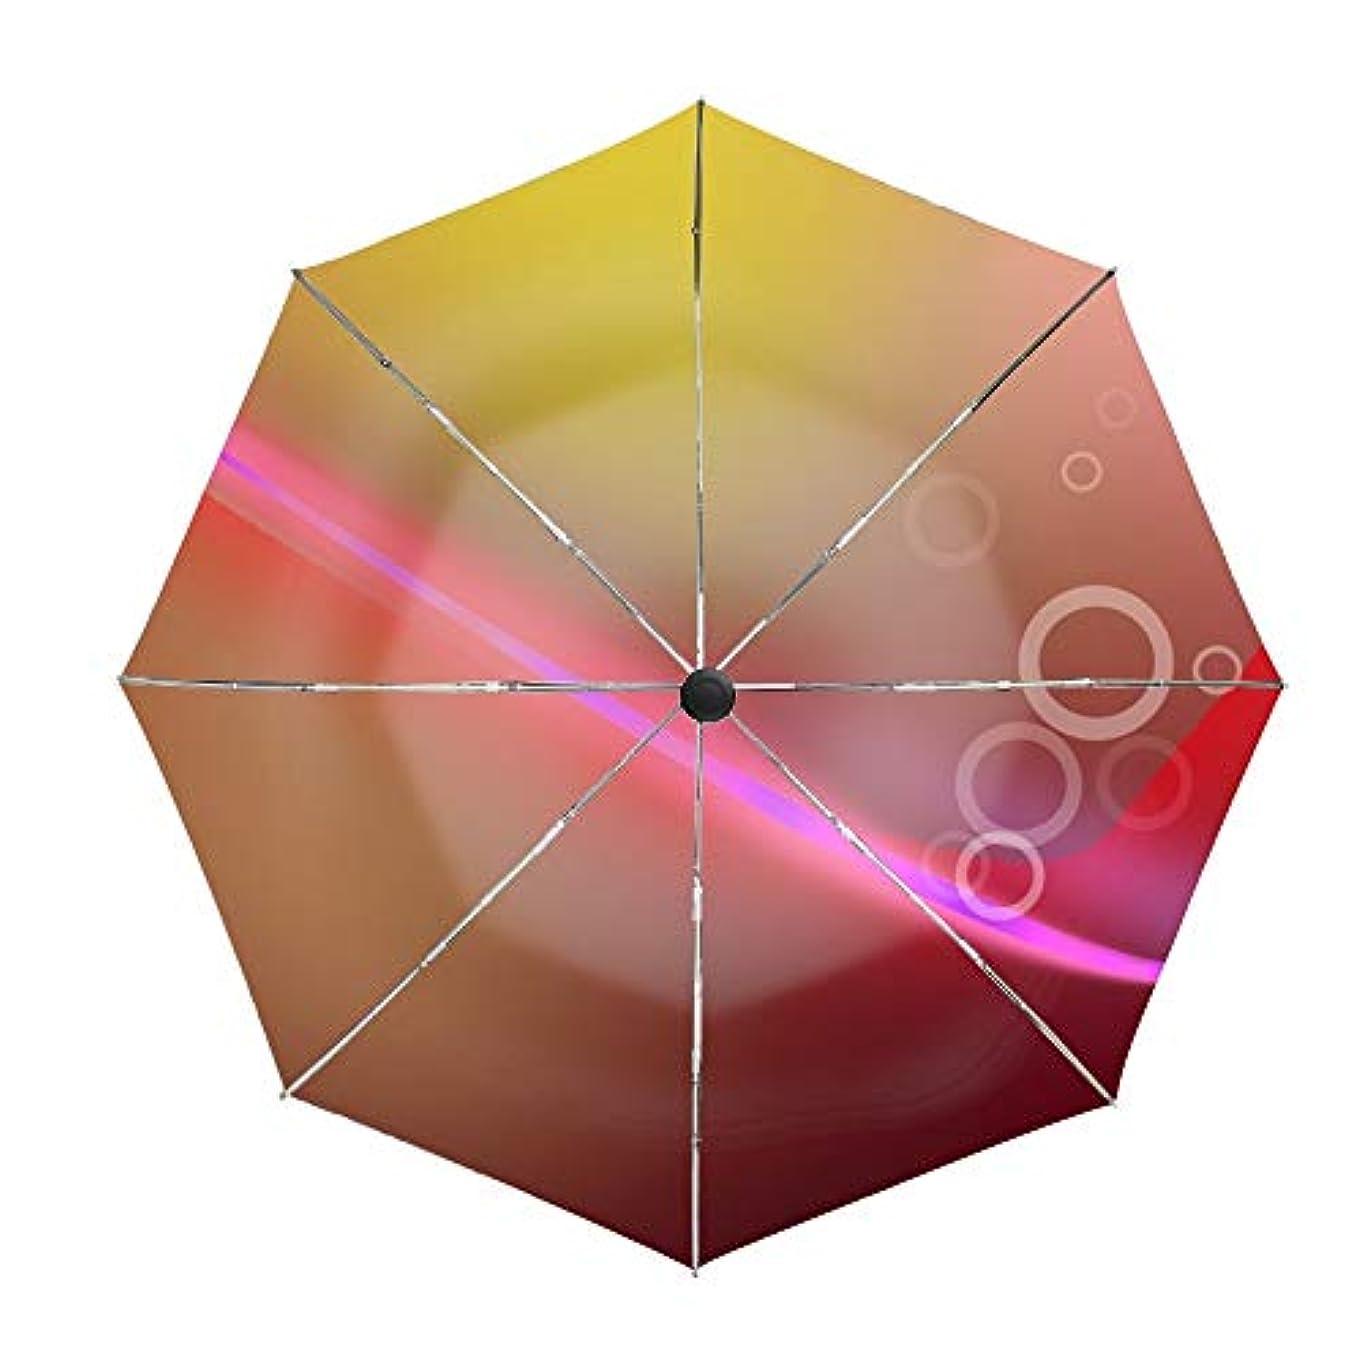 沿ってにはまって世界の窓折り畳み傘 ワンタッチ自動開閉 日傘 晴雨兼用 軽量 紫外線遮断率99%以上日差しに超強いアナログ 傘強度アップ8本骨ガラス繊維 可愛いハンドル 耐風撥水 可愛い傘袋付きデジタル抽象的な背景